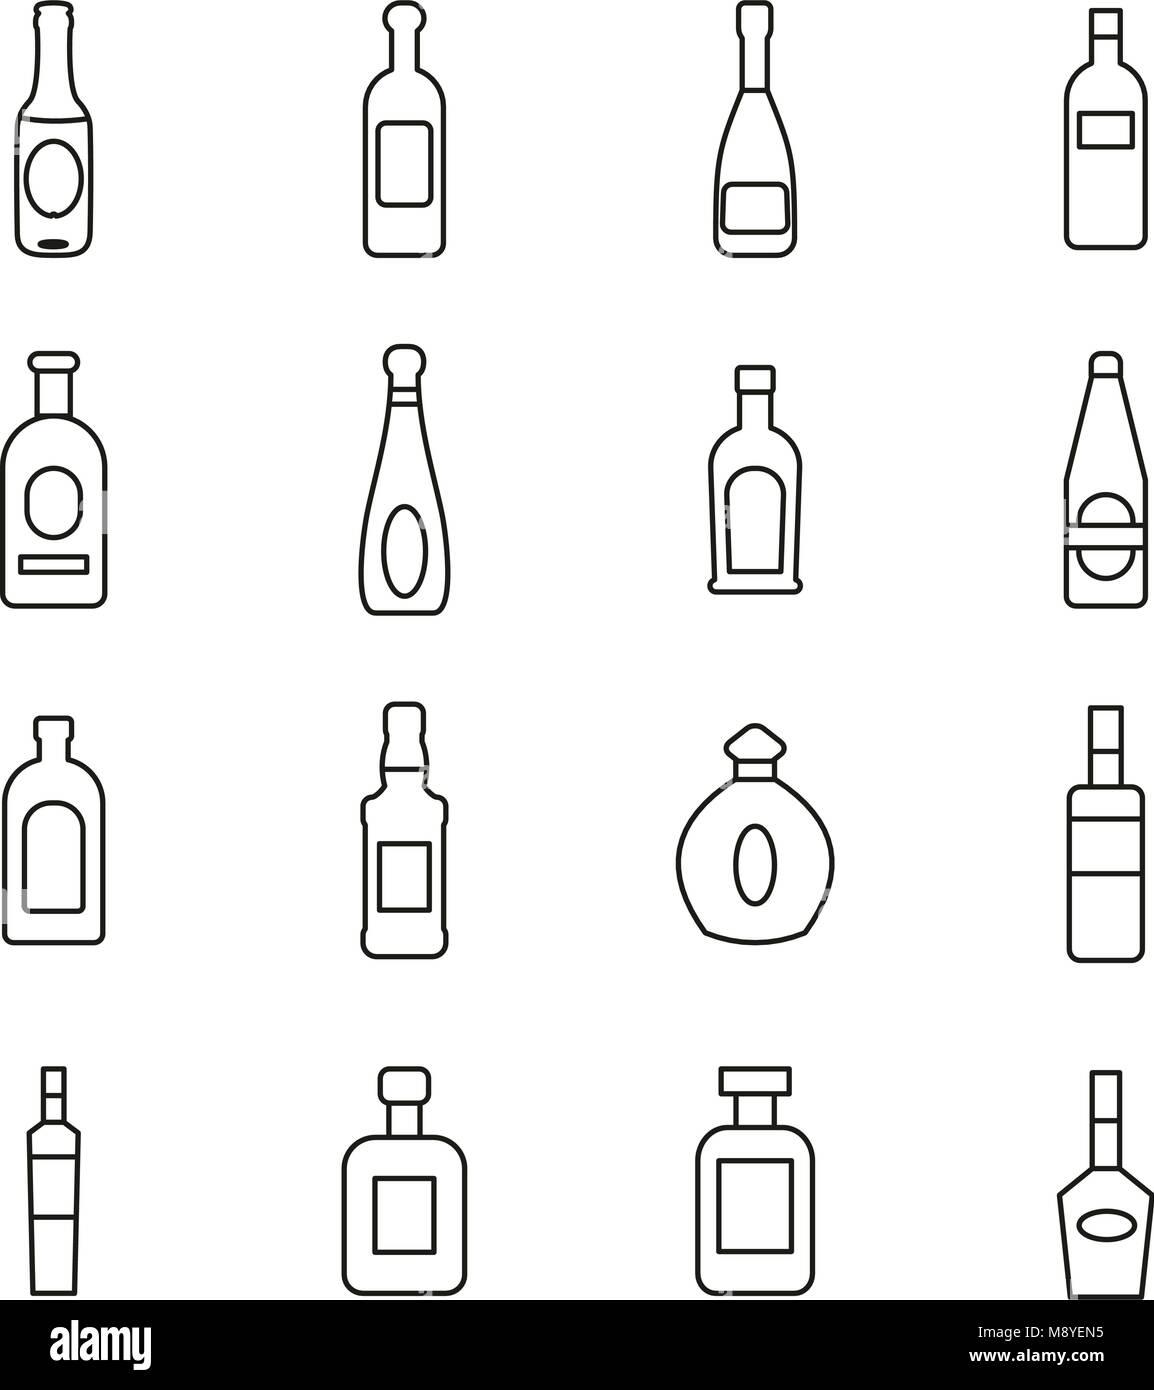 Bottle or Glass Bottle or Liquor Bottle Icons Thin Line Vector Illustration Set Stock Vector